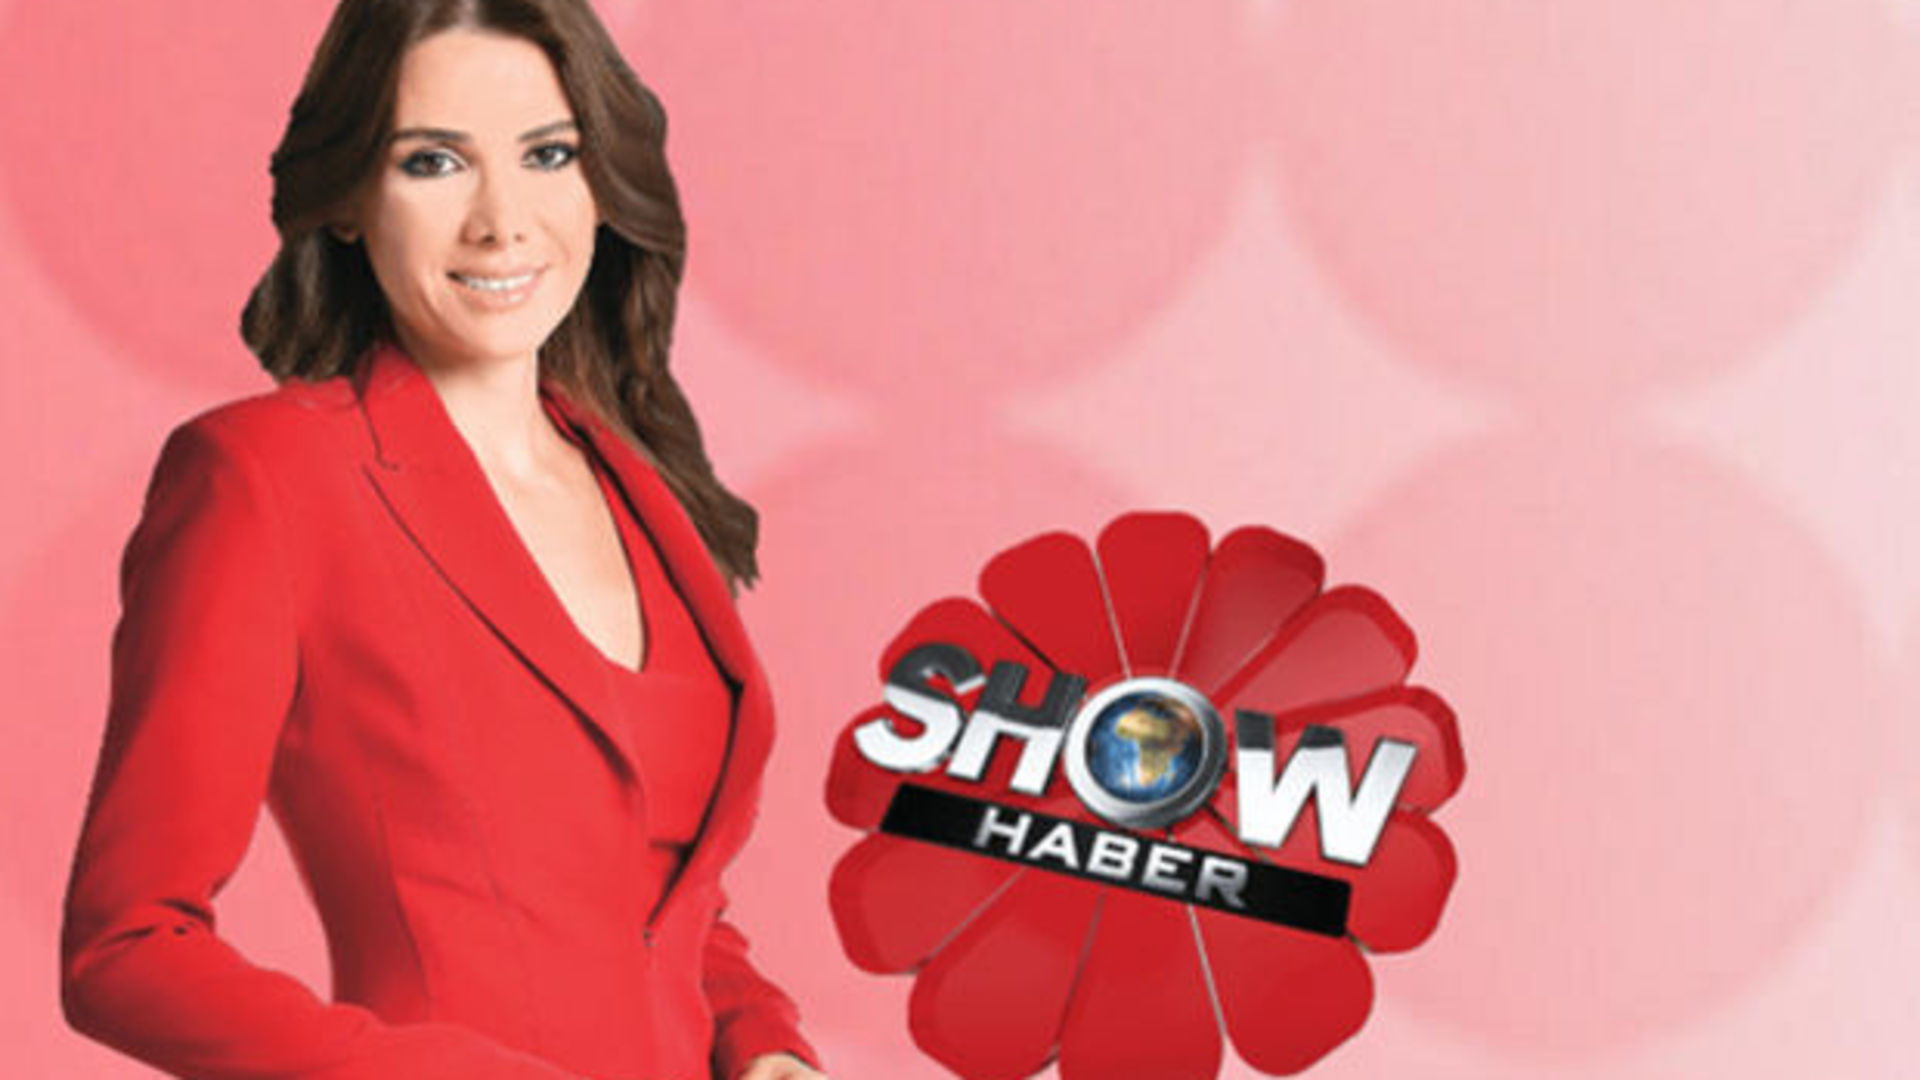 Show TV Ana Haber salı gecesine damgasını vurdu